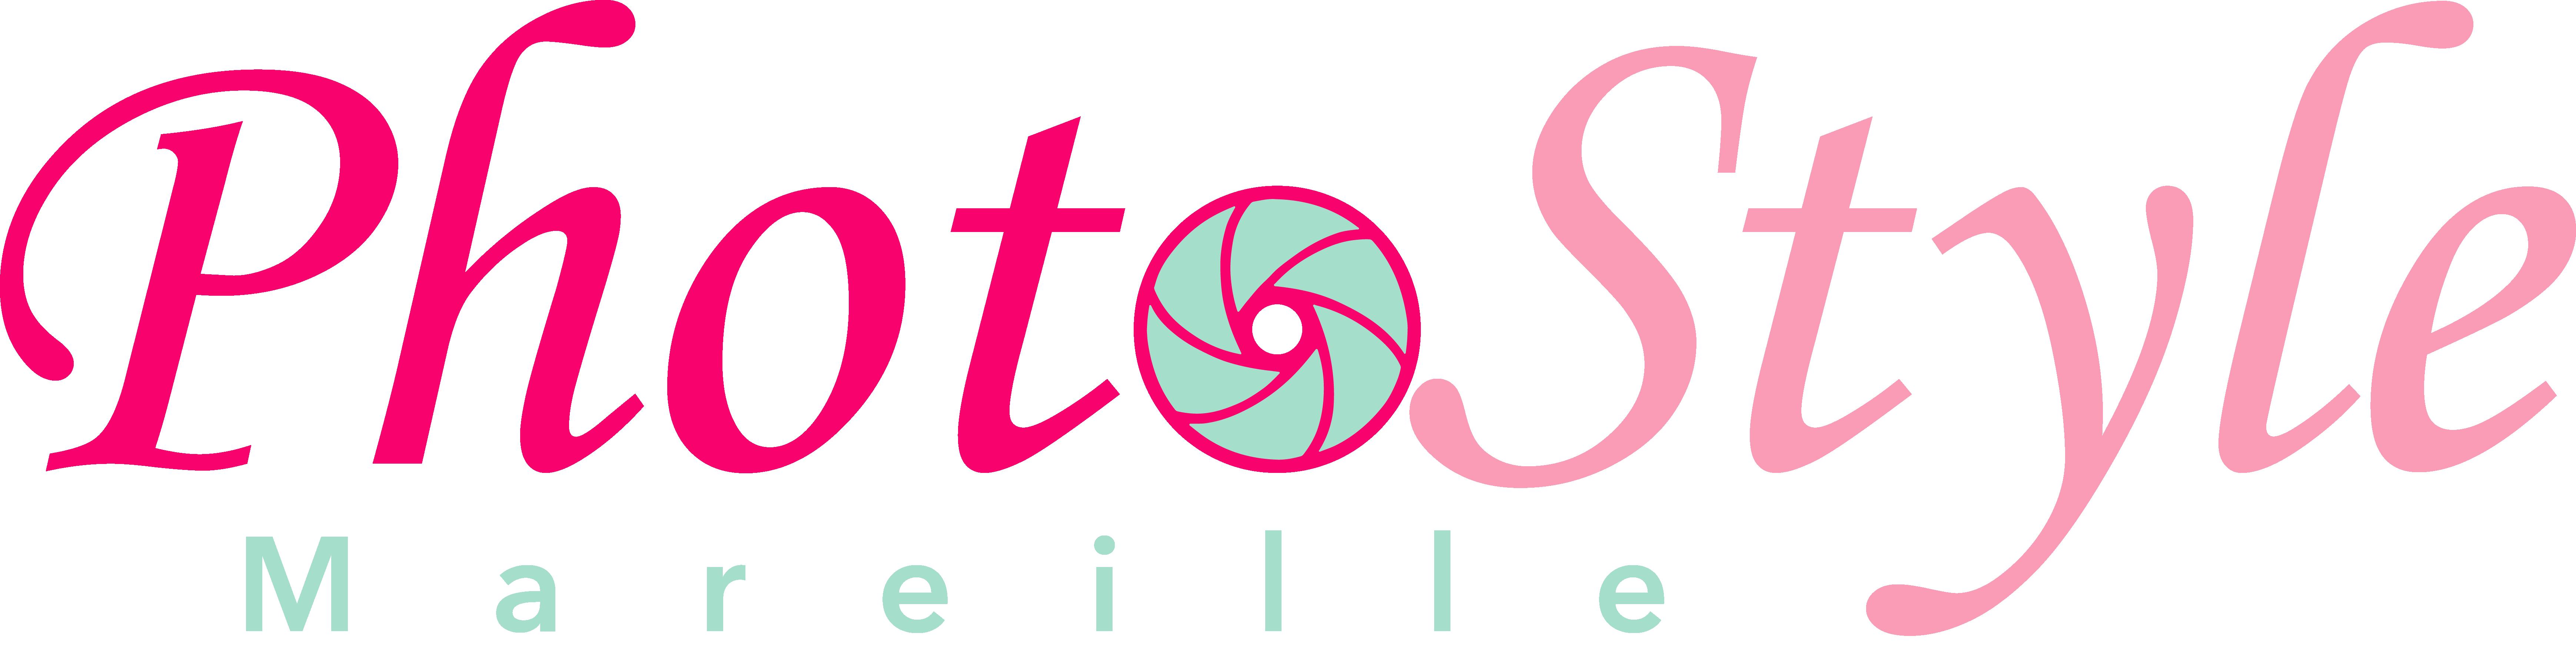 fotograaf logo